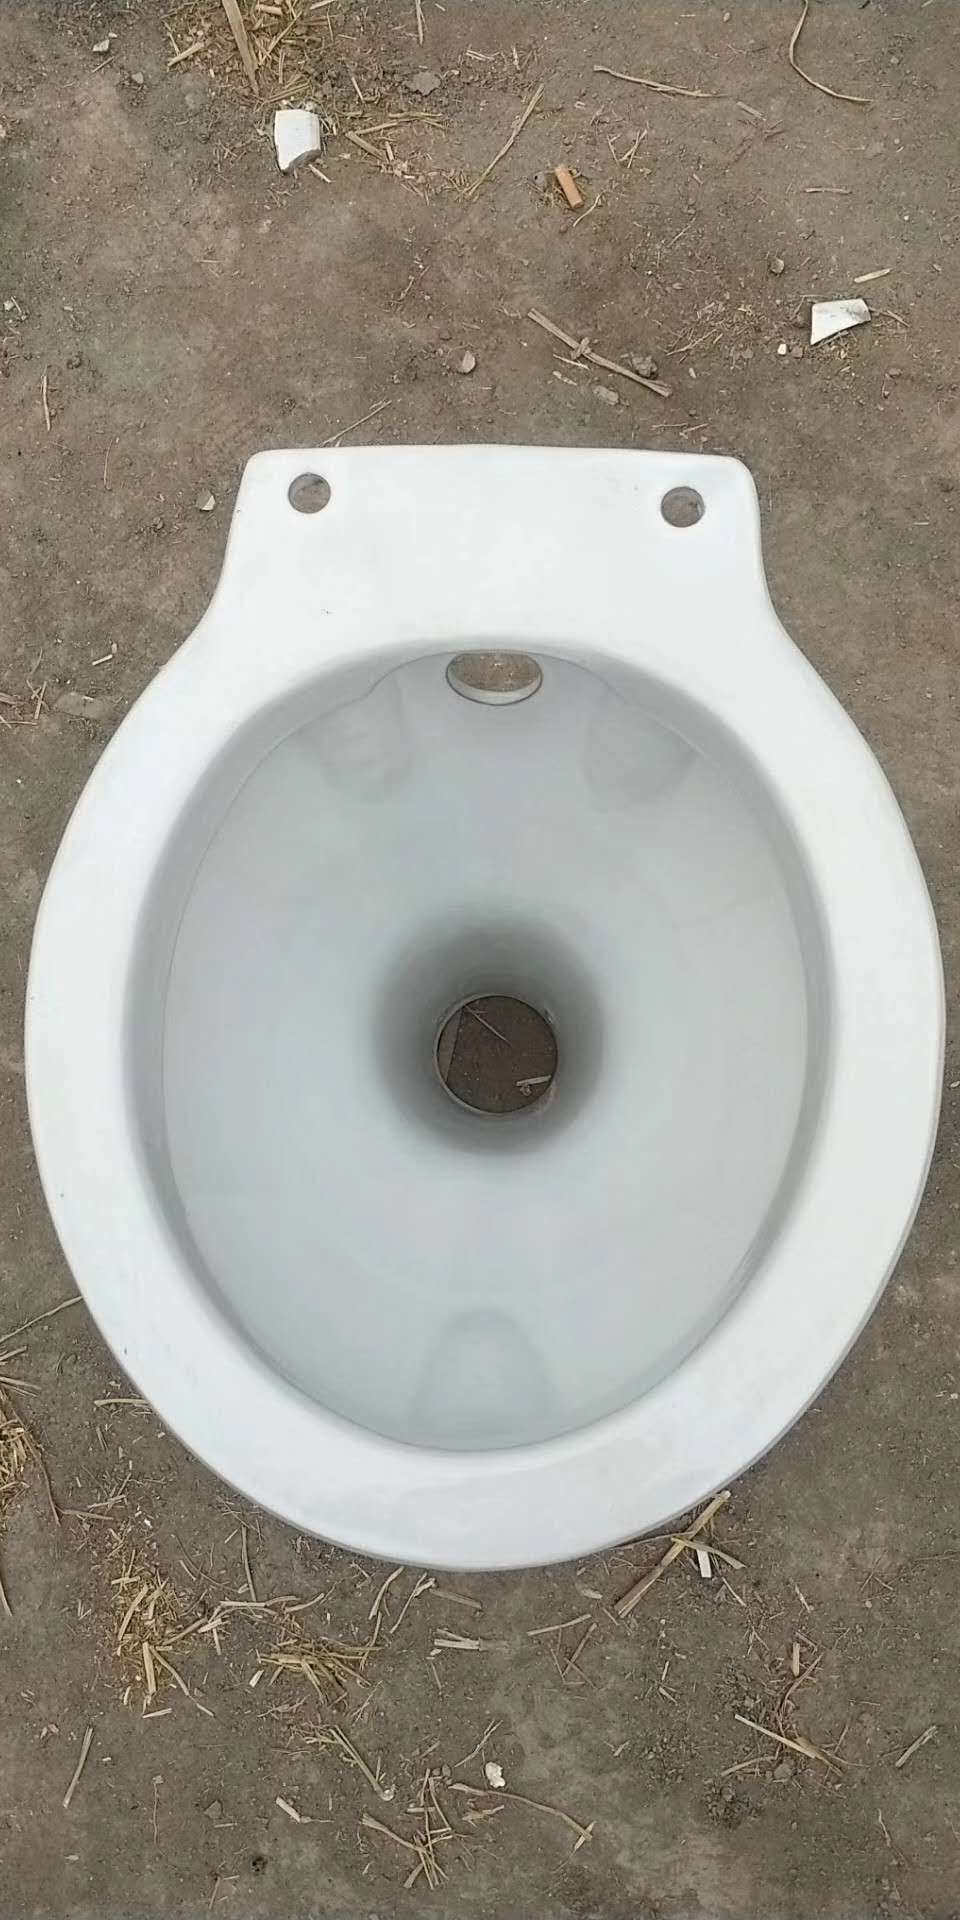 旱改厕小口坐便器